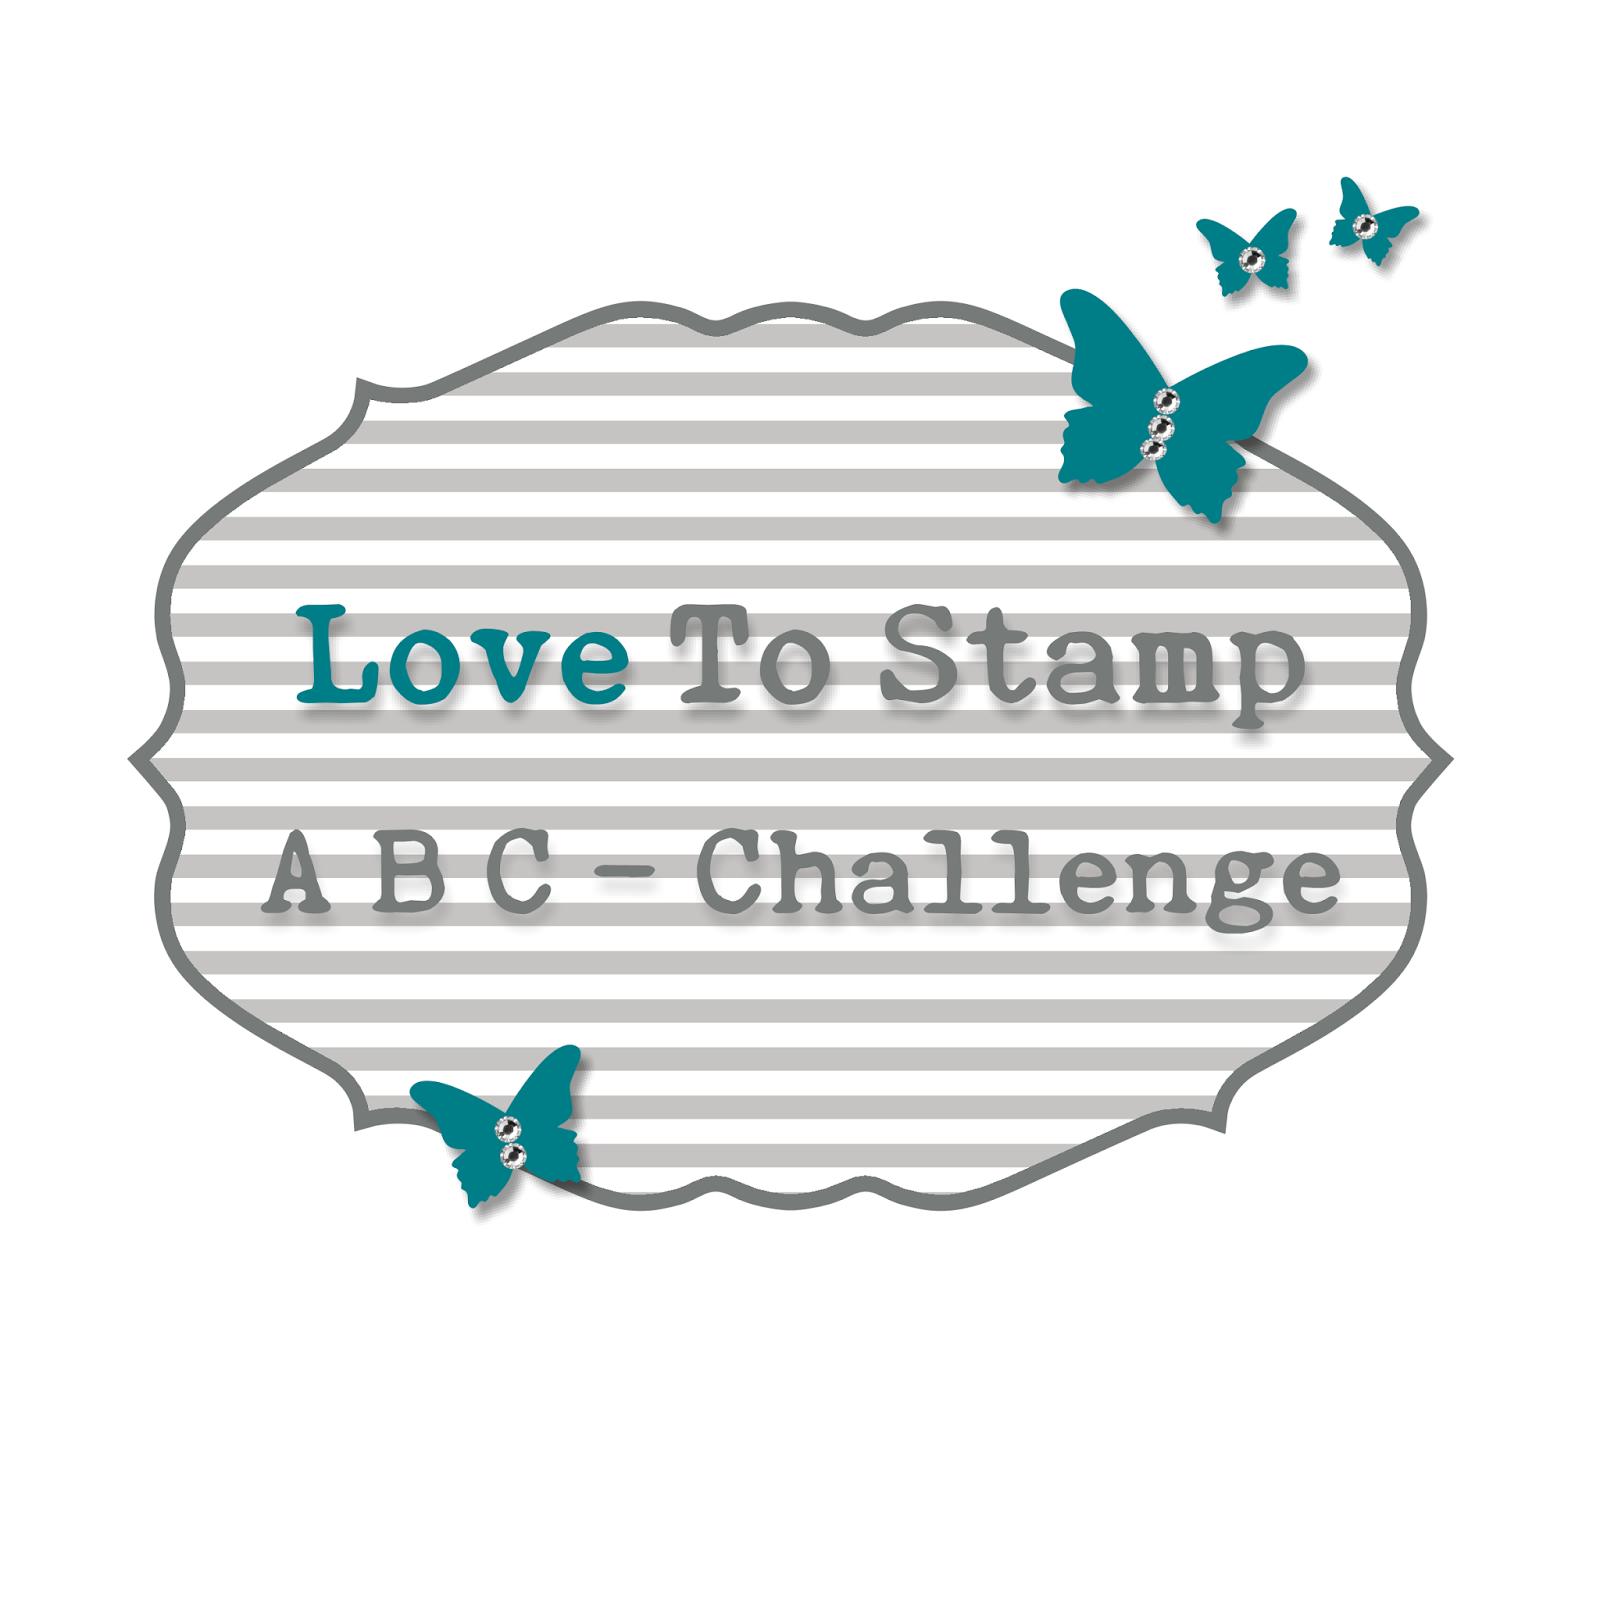 ABC - challenge